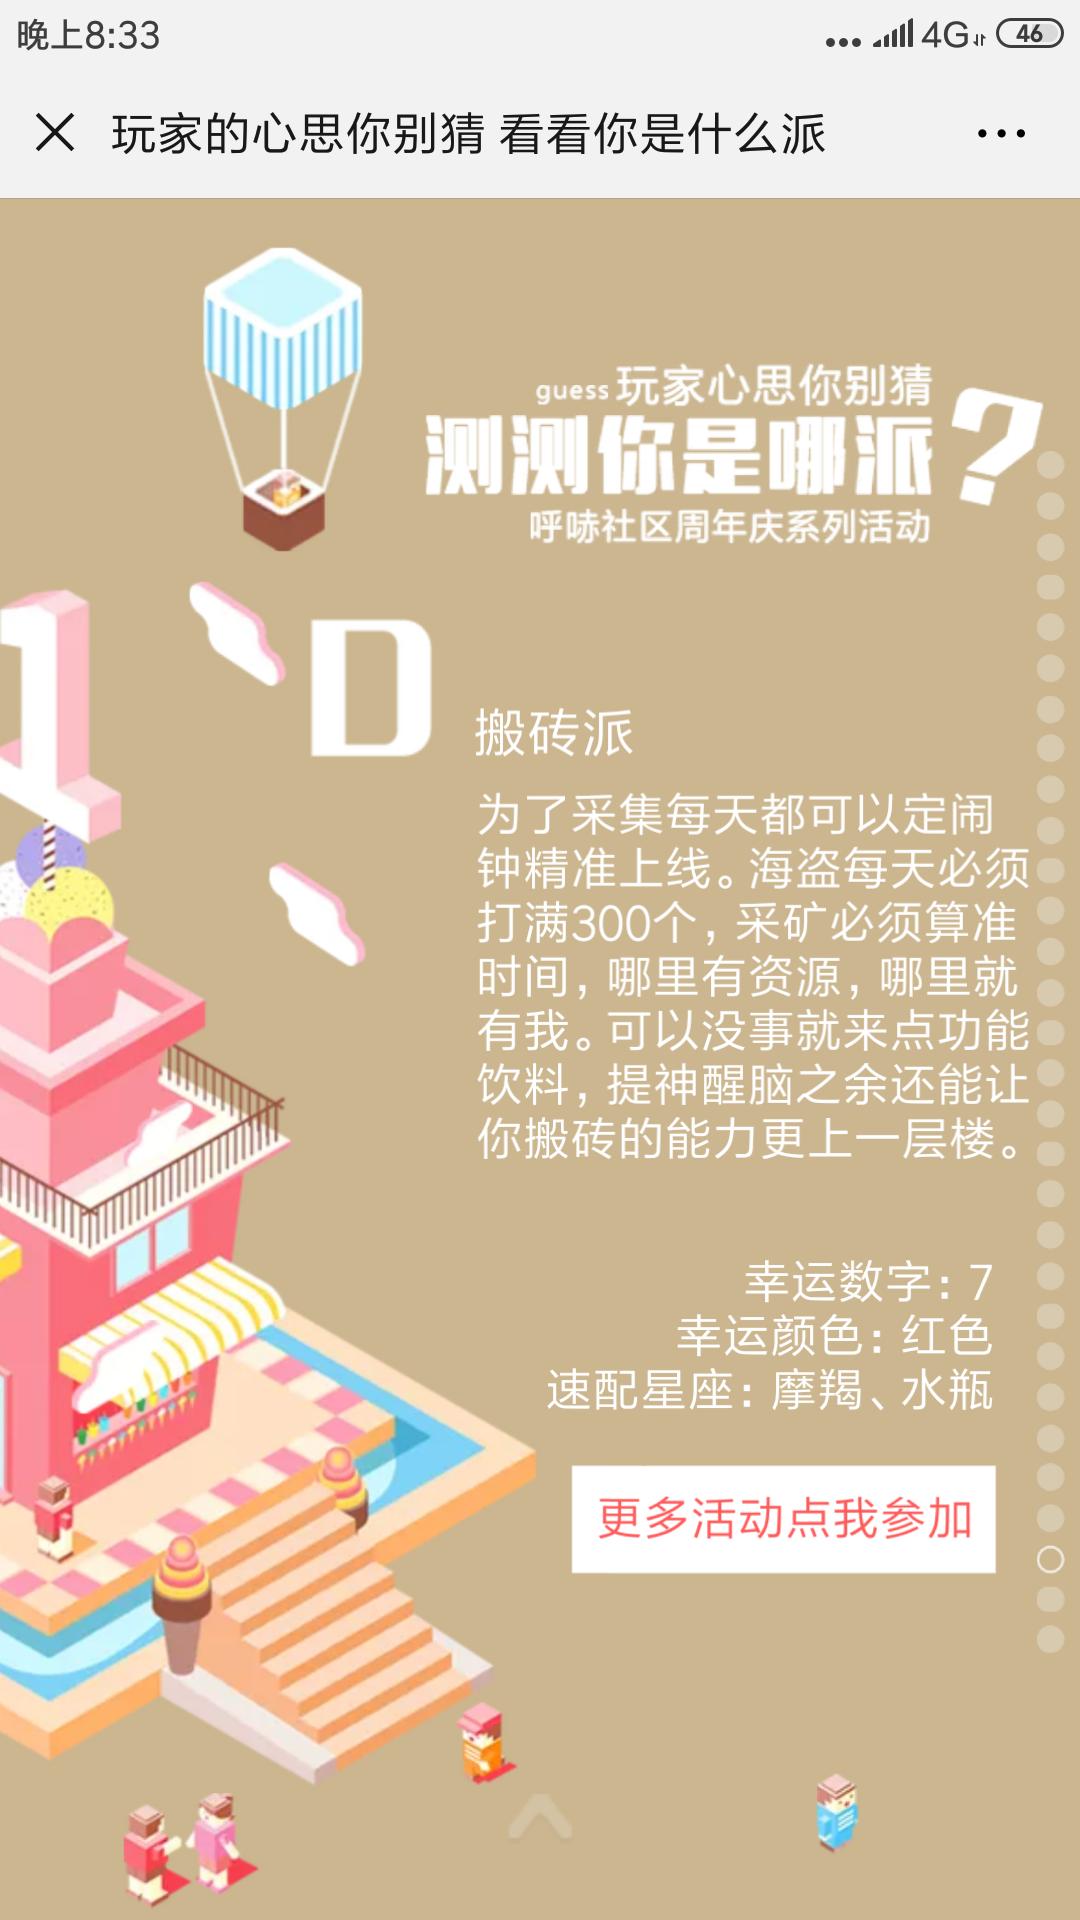 Screenshot_2019-07-25-20-33-21-375_com.tencent.mm.png